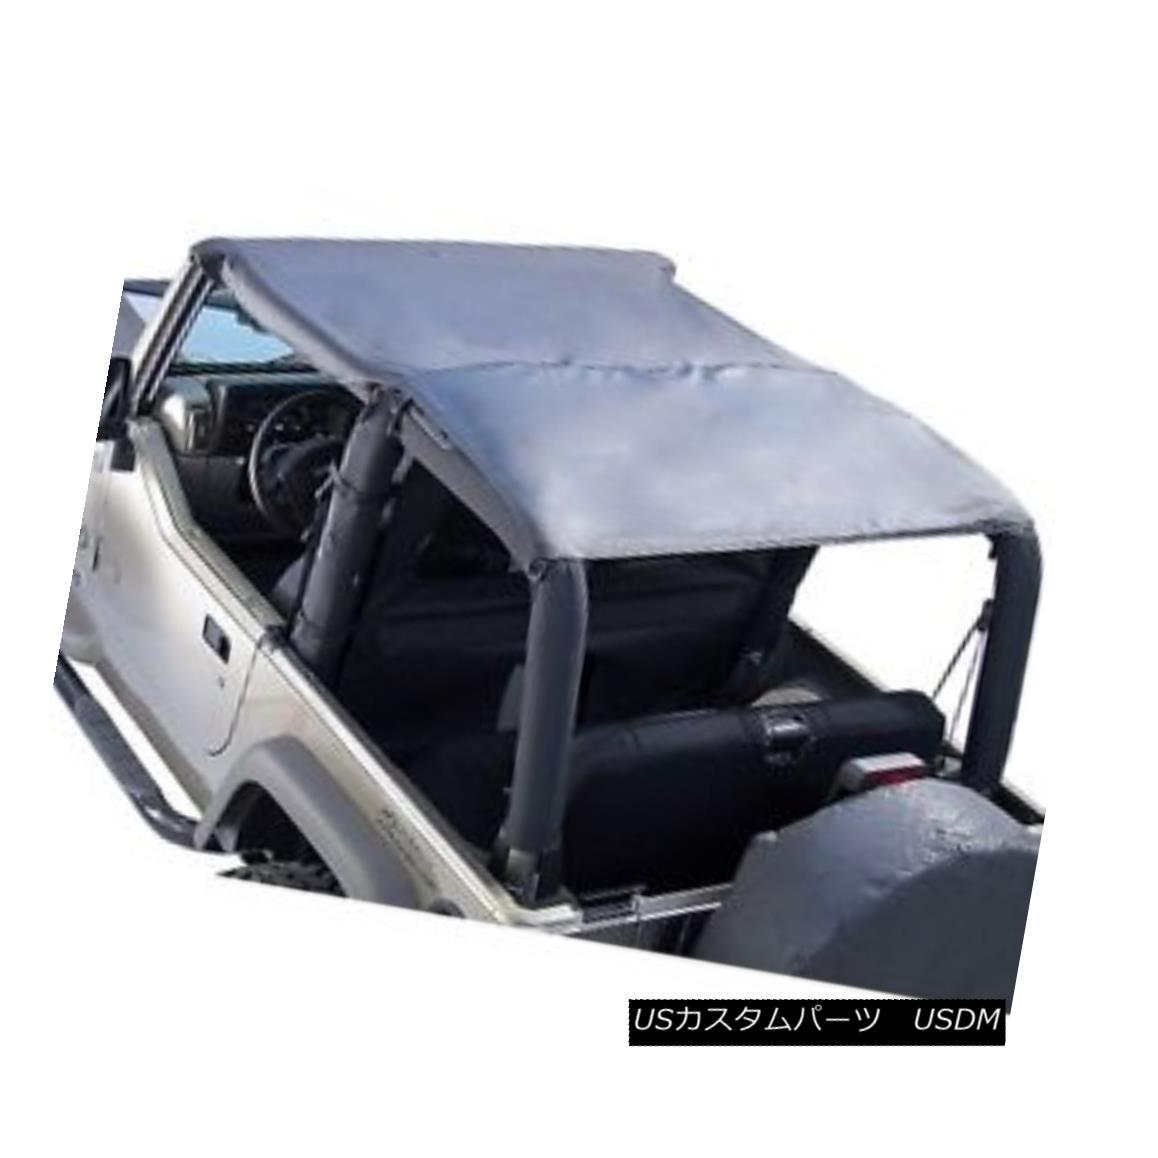 幌・ソフトトップ Rugged Ridge Island Pocket Topper Soft Top 97-06 Jeep TJ Wrangler Black Diamond 頑丈なリッジ島ポケットトッパーソフトトップ97-06ジープTJラングラーブラックダイヤモンド画像